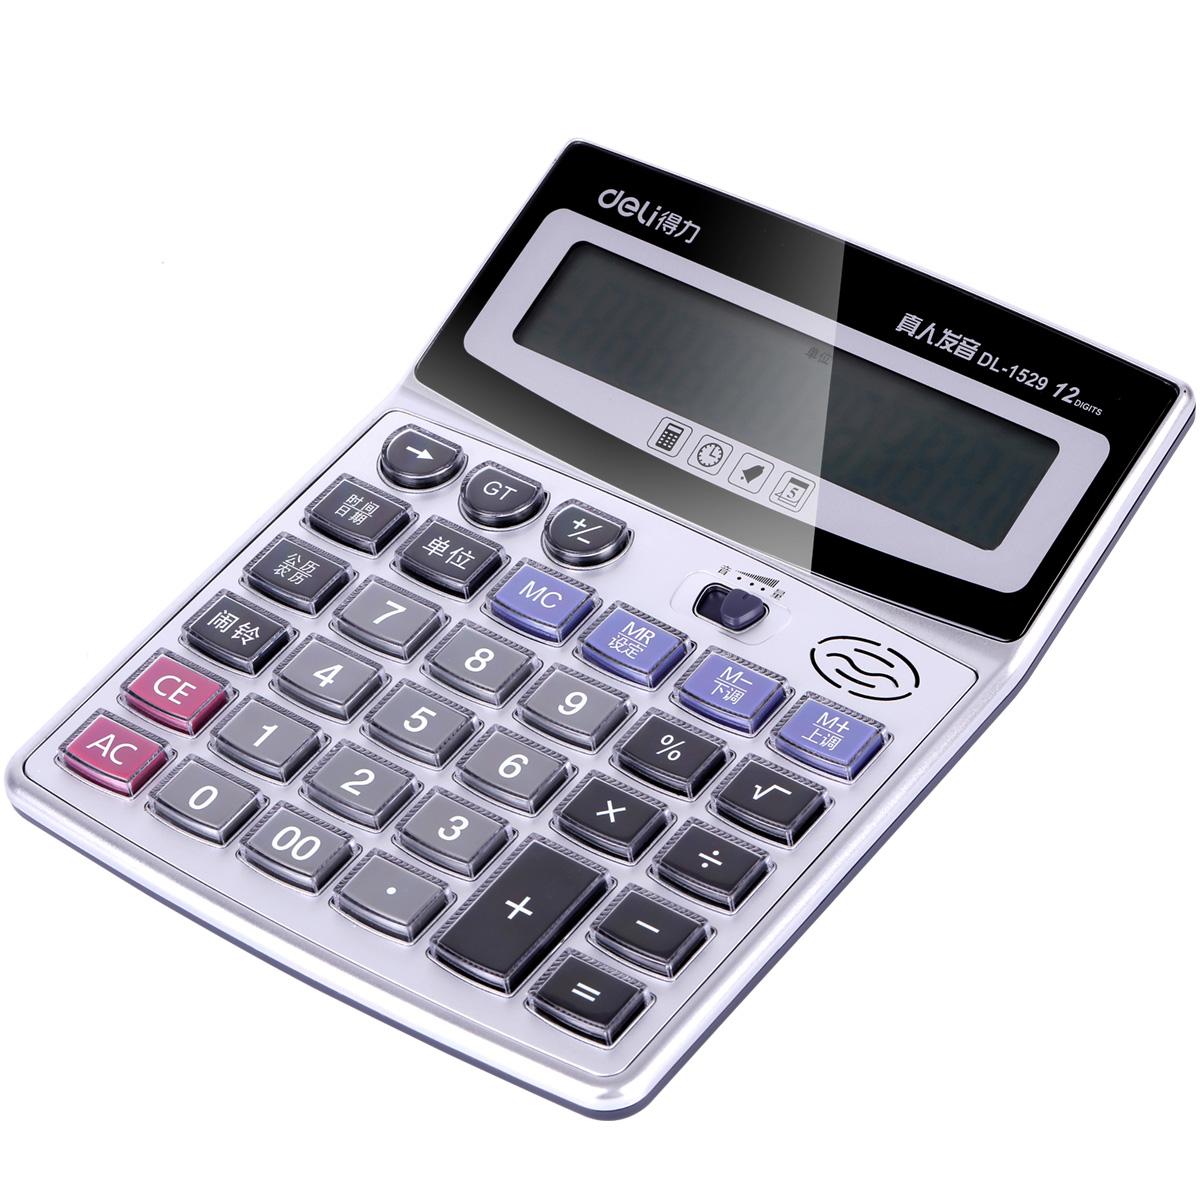 得力计算器大按键计算机大屏语音计算机器太阳能财务商务无语音12位办公用品学生用